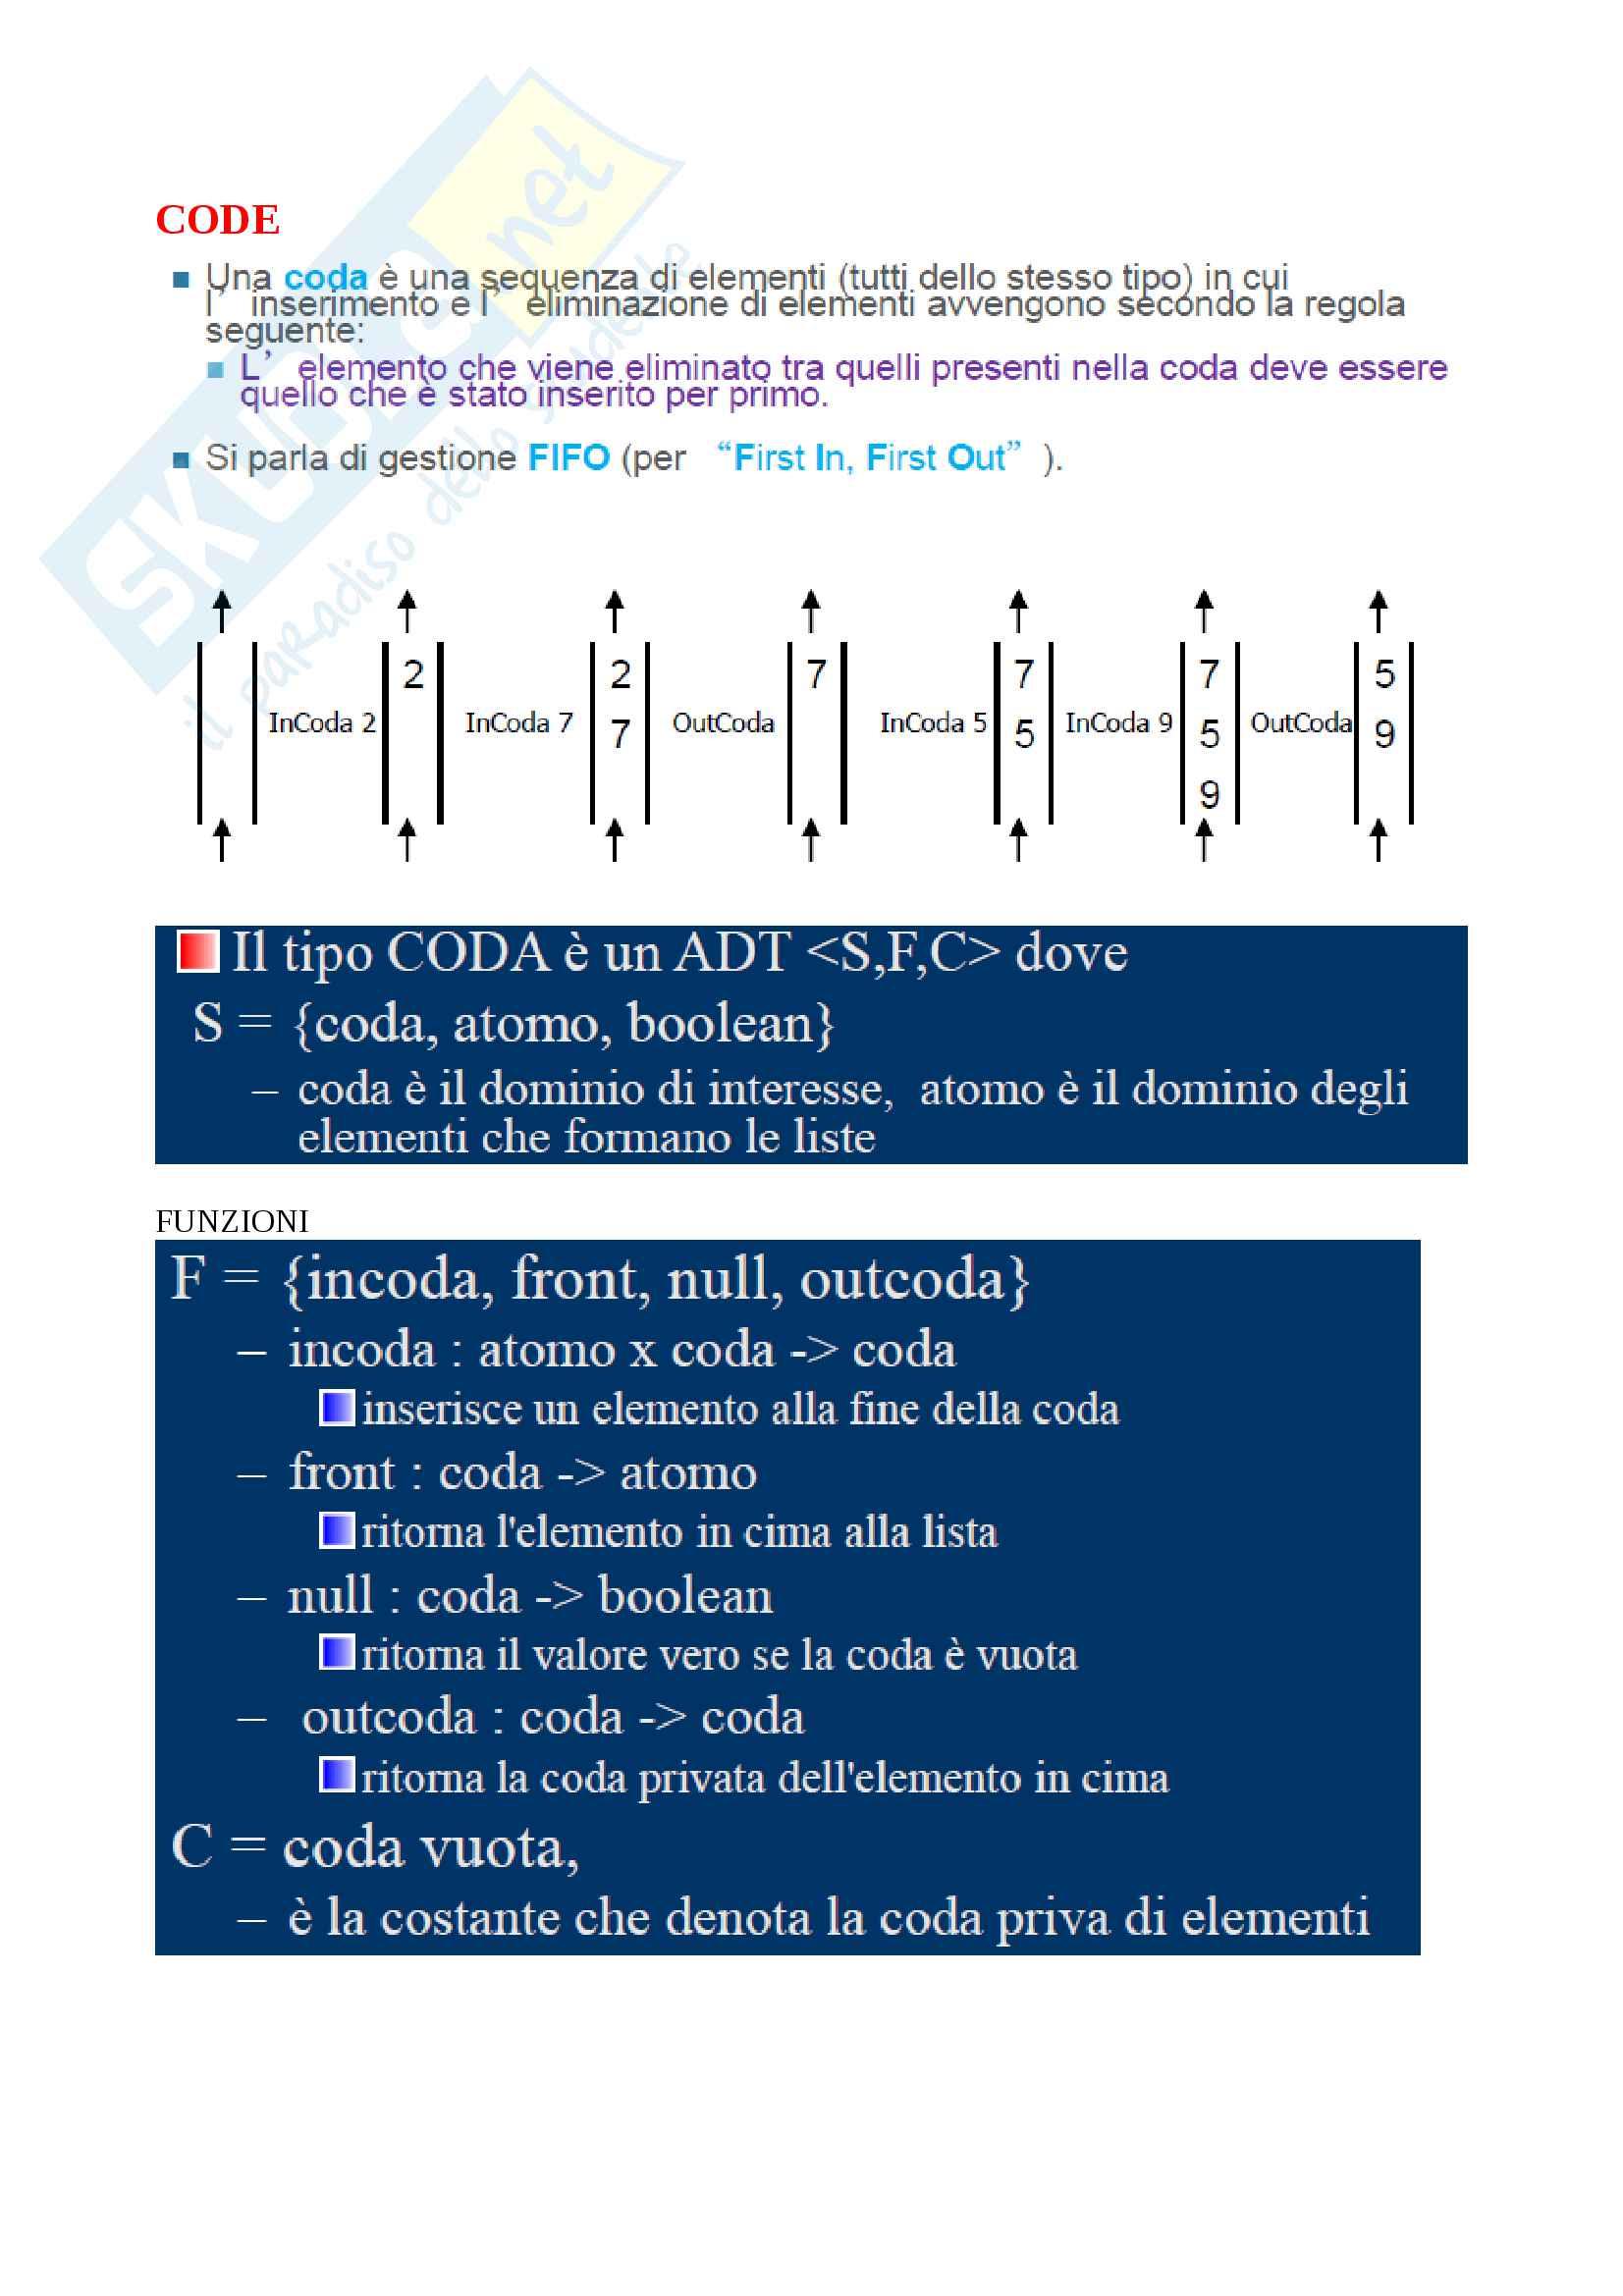 Appunti di informatica sulle code